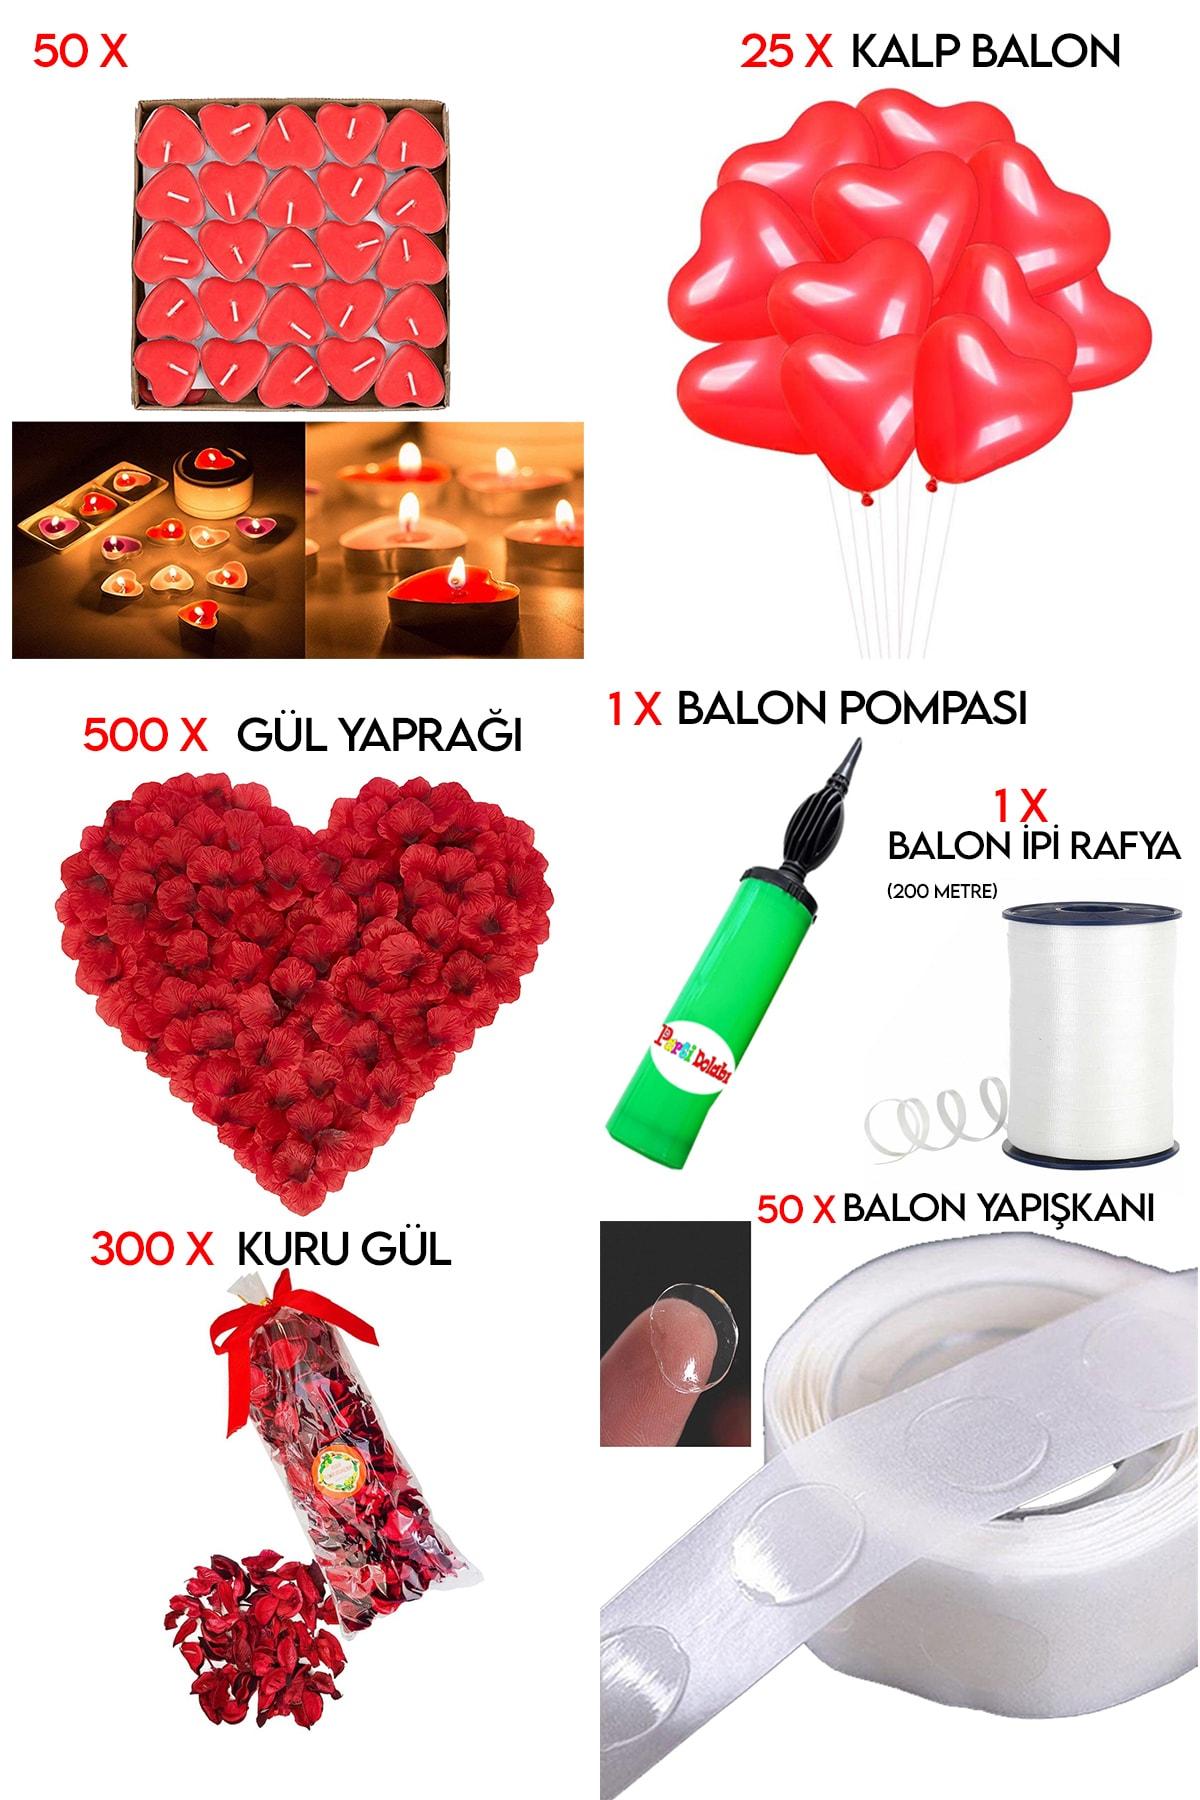 50 Kalp Mum, 25 Kalp Balon, 500 Gül Yaprağı, 300 Kuru Gül, 1 Balon Pompası Evlilik Teklifi Paket Set